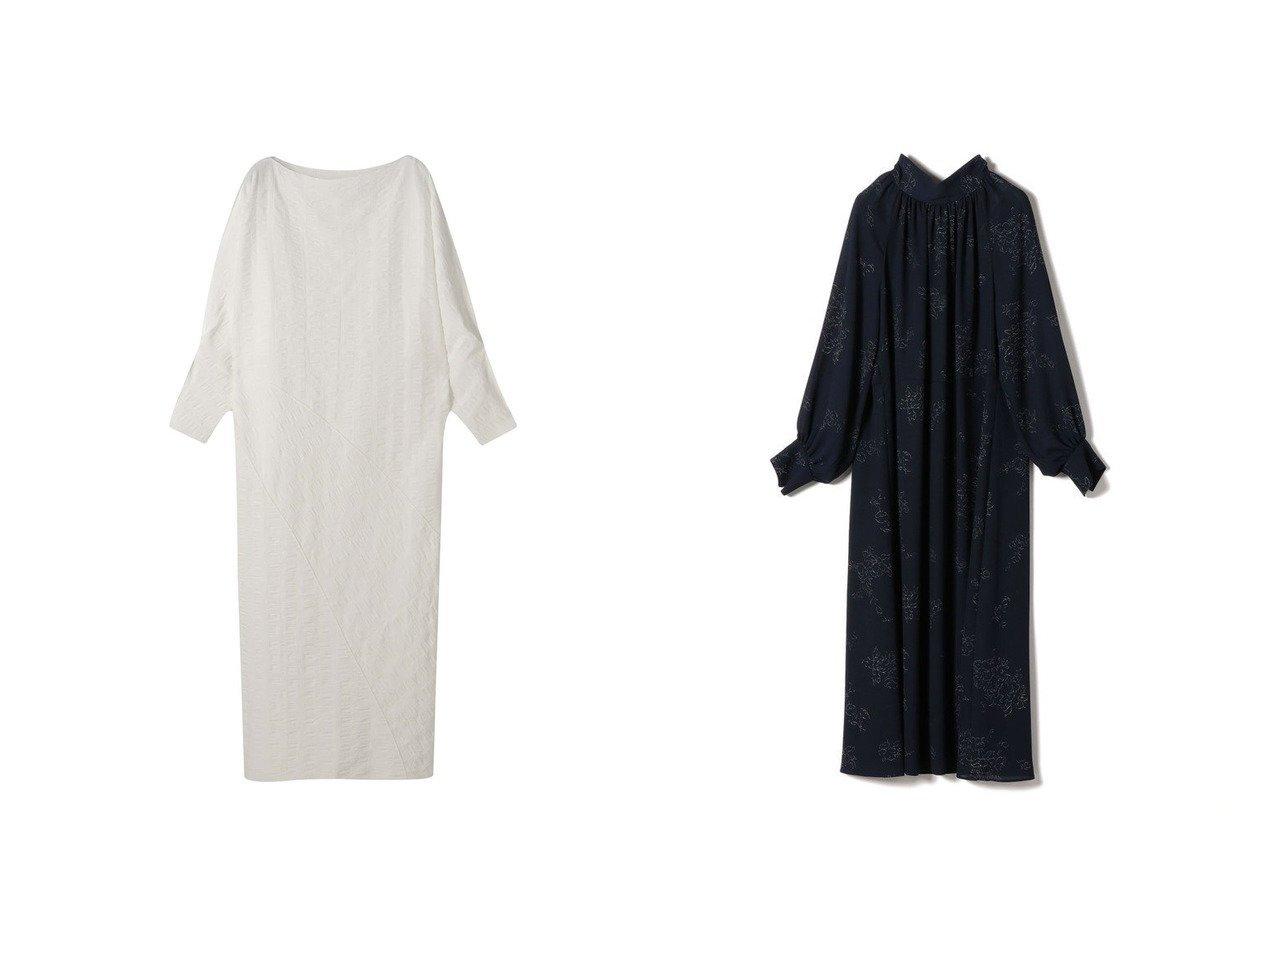 【ETRE TOKYO/エトレトウキョウ】のサッカーストライプワンピース&【SHIPS/シップス フォー ウィメン】のスタンドカラー/ボウタイ 2WAYワンピース ワンピース・ドレスのおすすめ!人気、トレンド・レディースファッションの通販 おすすめで人気の流行・トレンド、ファッションの通販商品 メンズファッション・キッズファッション・インテリア・家具・レディースファッション・服の通販 founy(ファニー) https://founy.com/ ファッション Fashion レディースファッション WOMEN ワンピース Dress インナー サッカー スリーブ バルーン フェミニン フロント モダン ランダム NEW・新作・新着・新入荷 New Arrivals シンプル スタンド フラワー プリント |ID:crp329100000022729